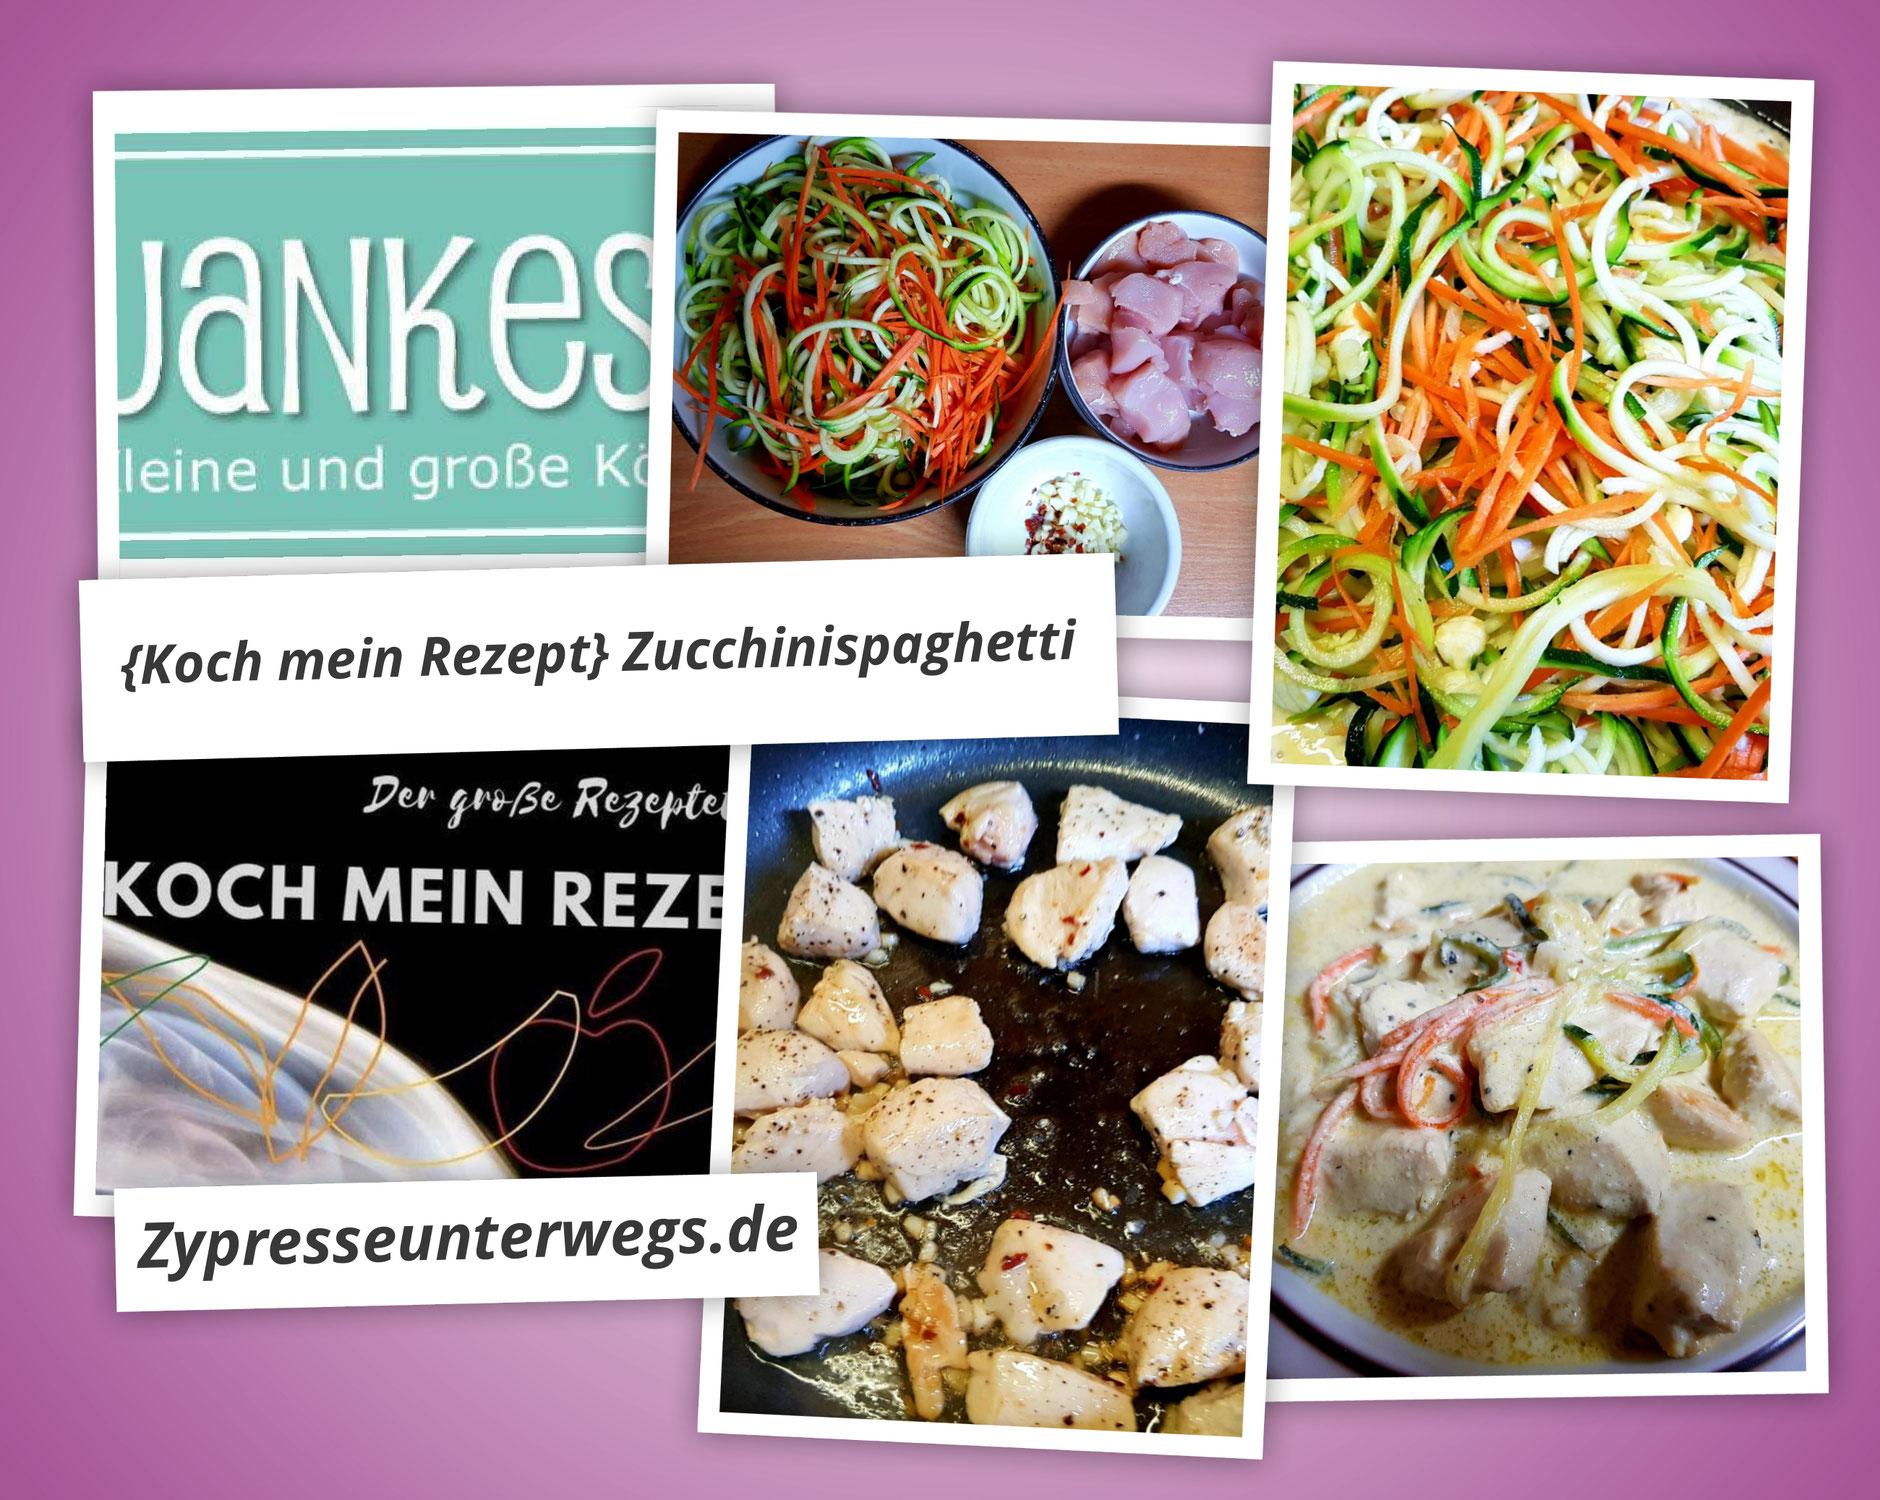 {Koch mein Rezept} Zucchini-Spaghetti nach Jankes Rezept